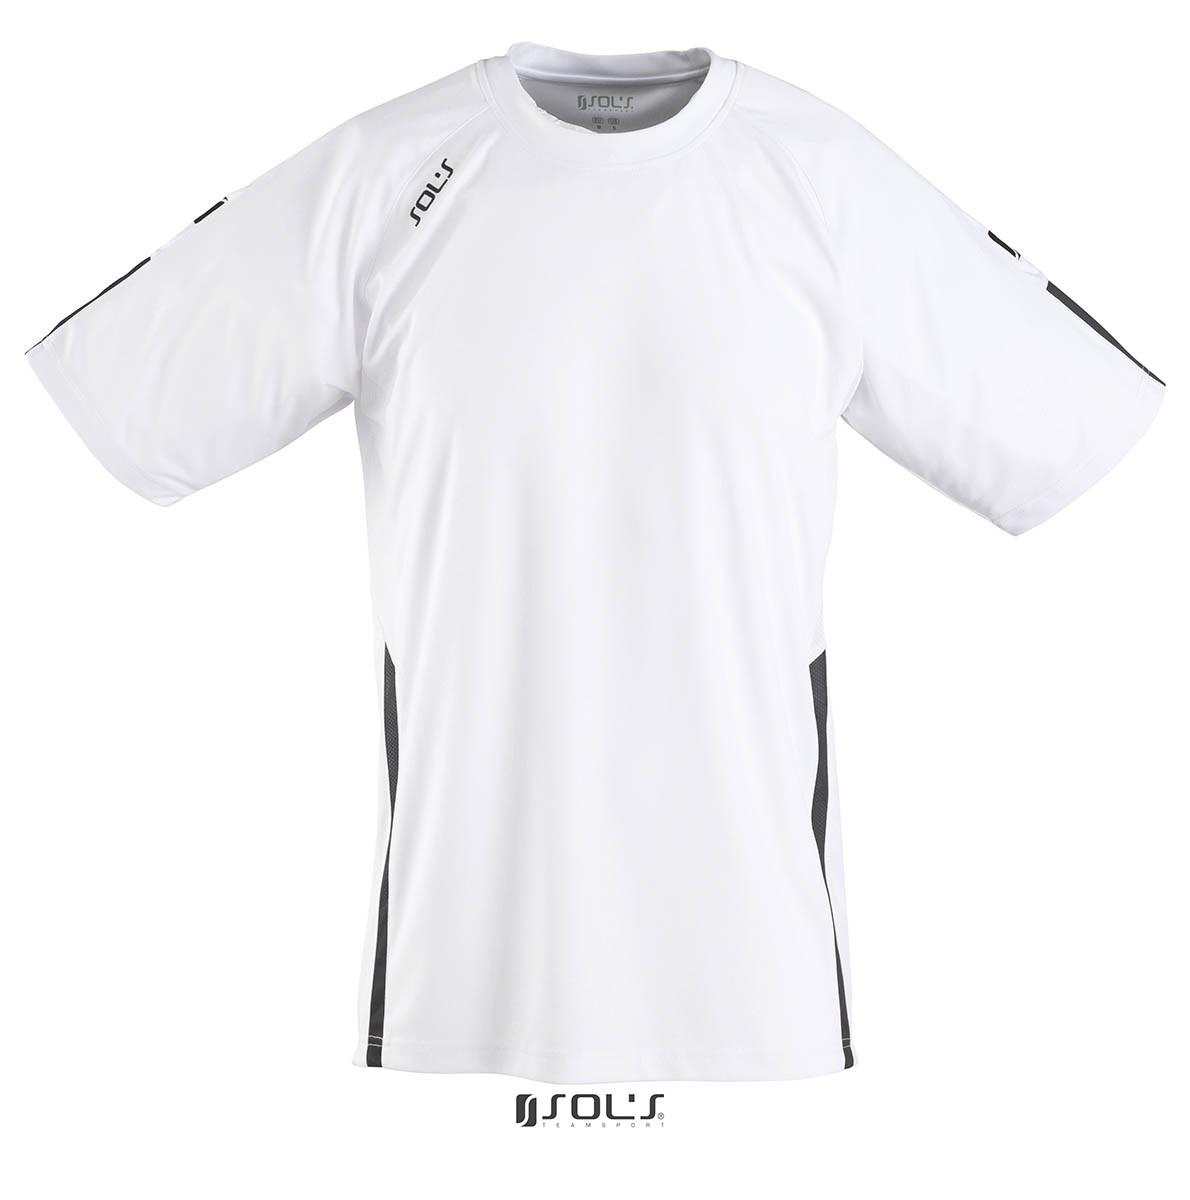 Футболка SOL'S WEMBLEY SSL (білий/чорний, S)